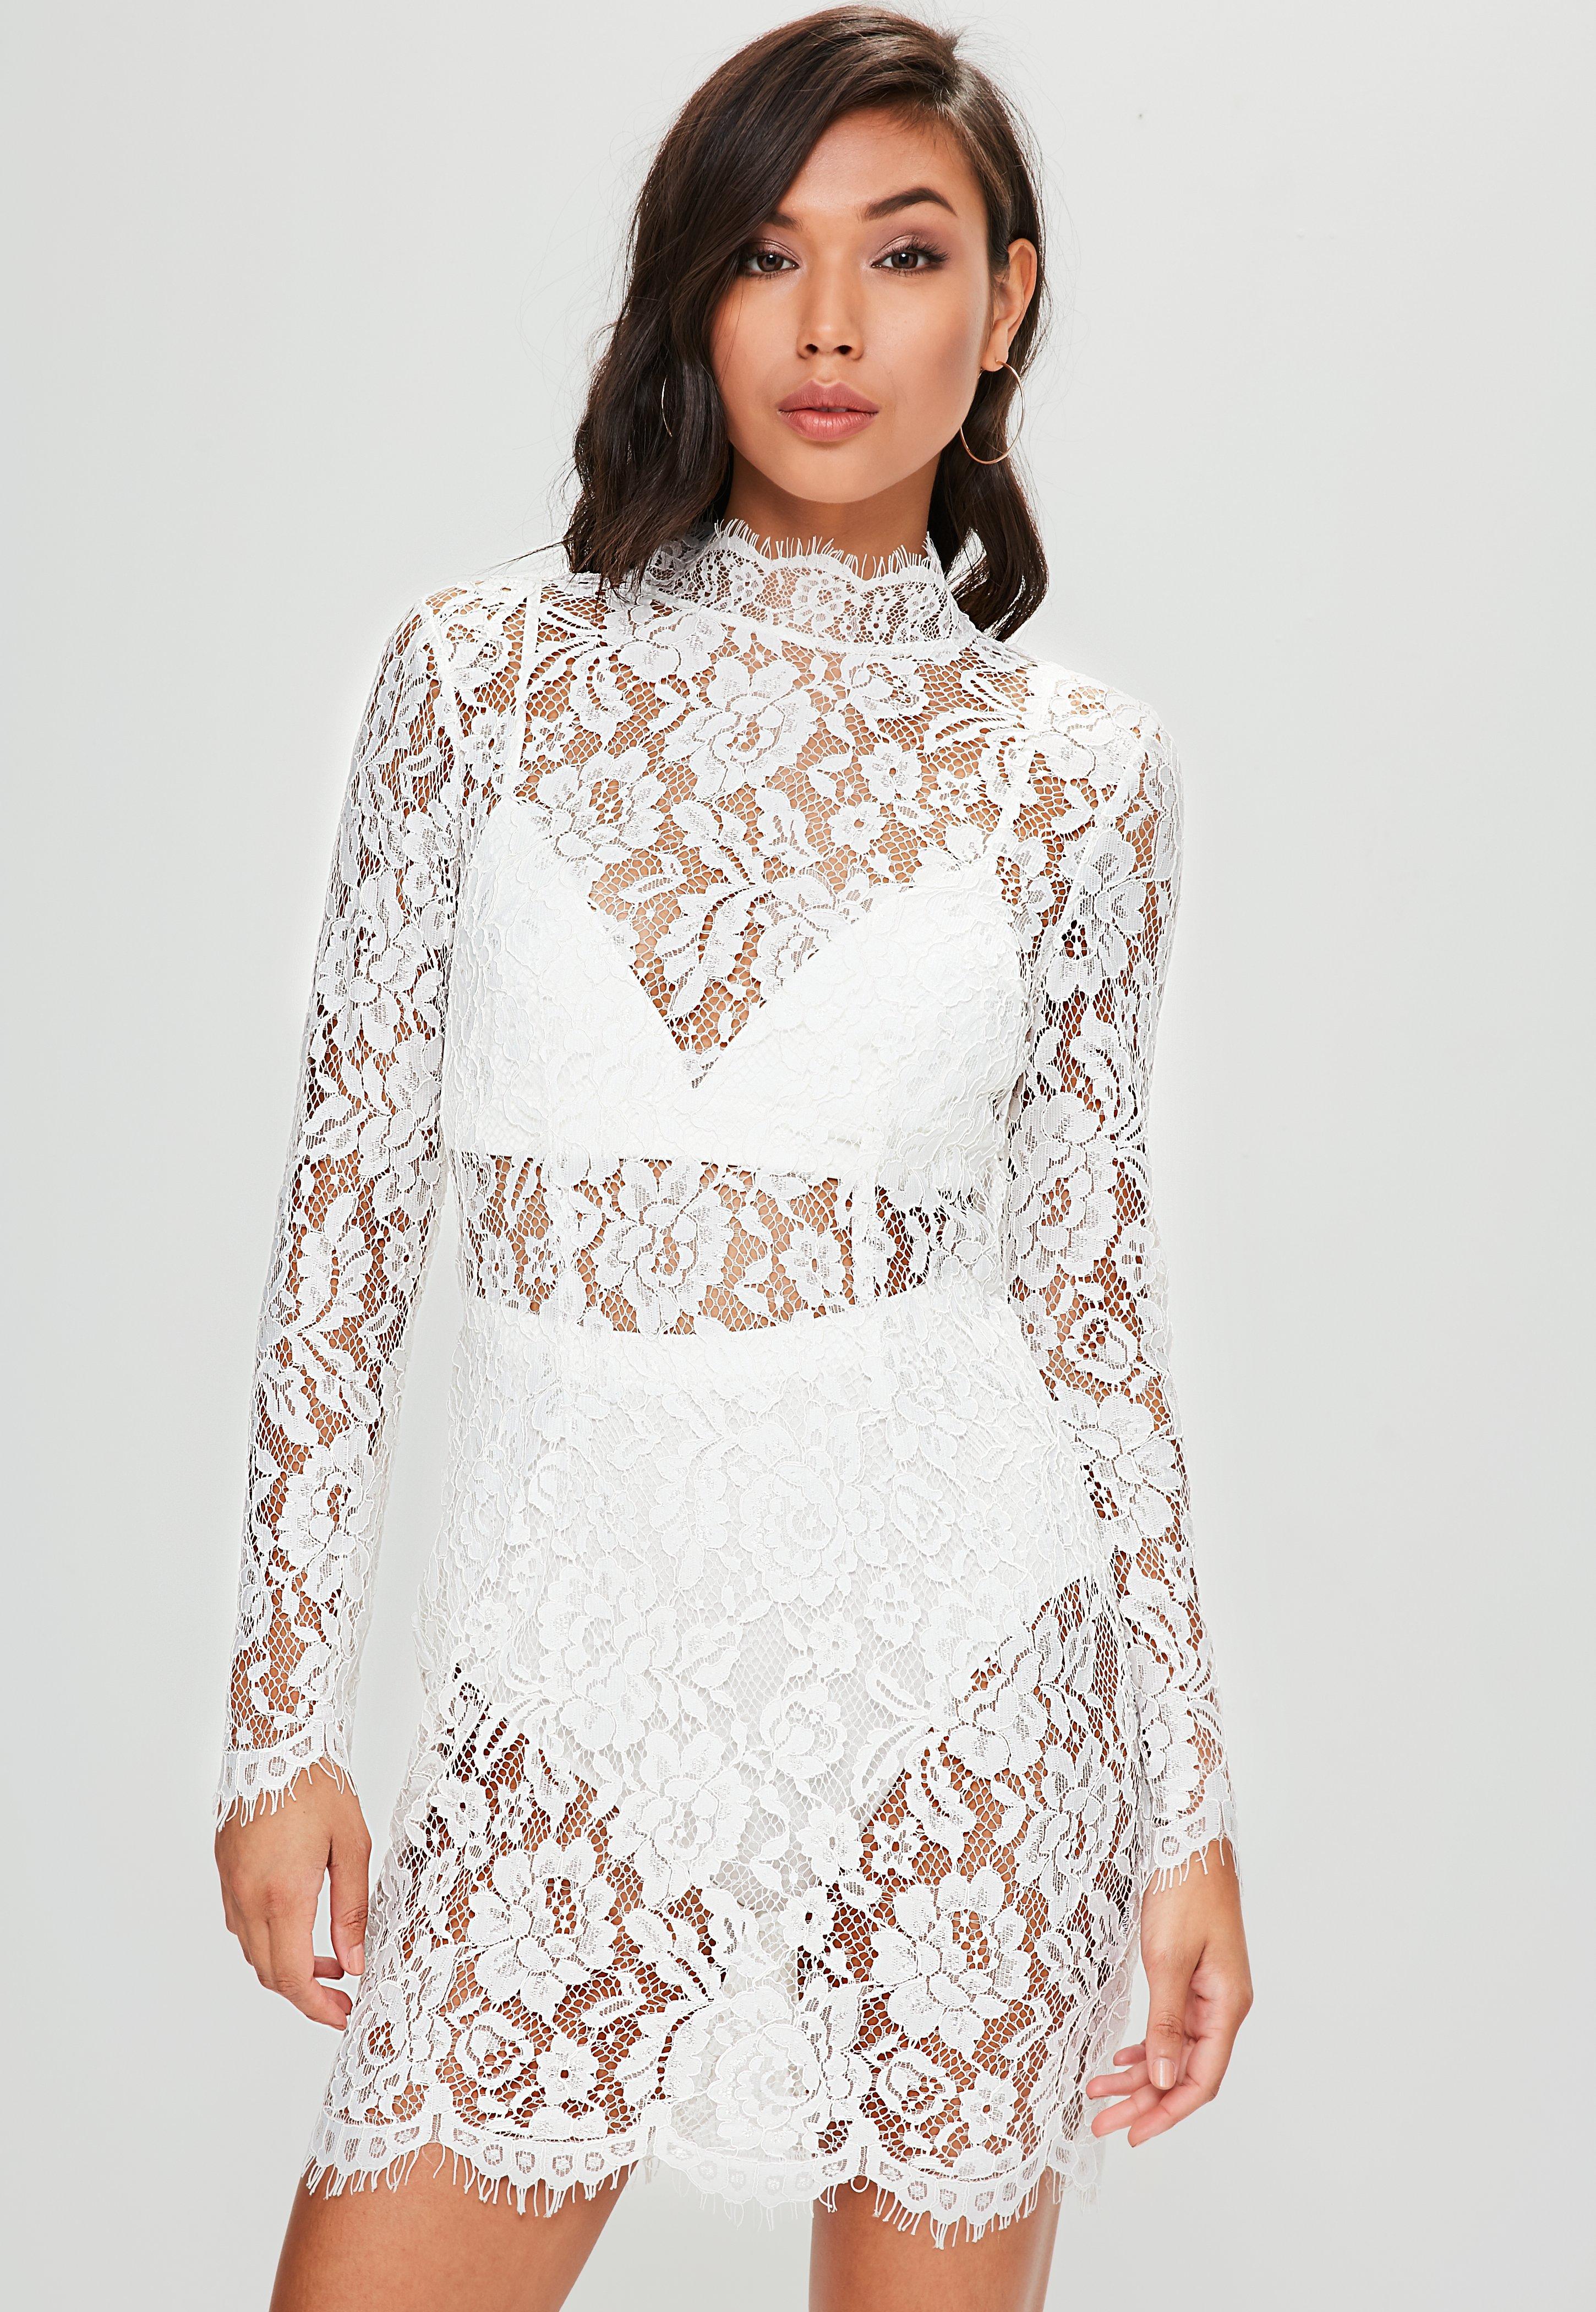 Lace Clothes